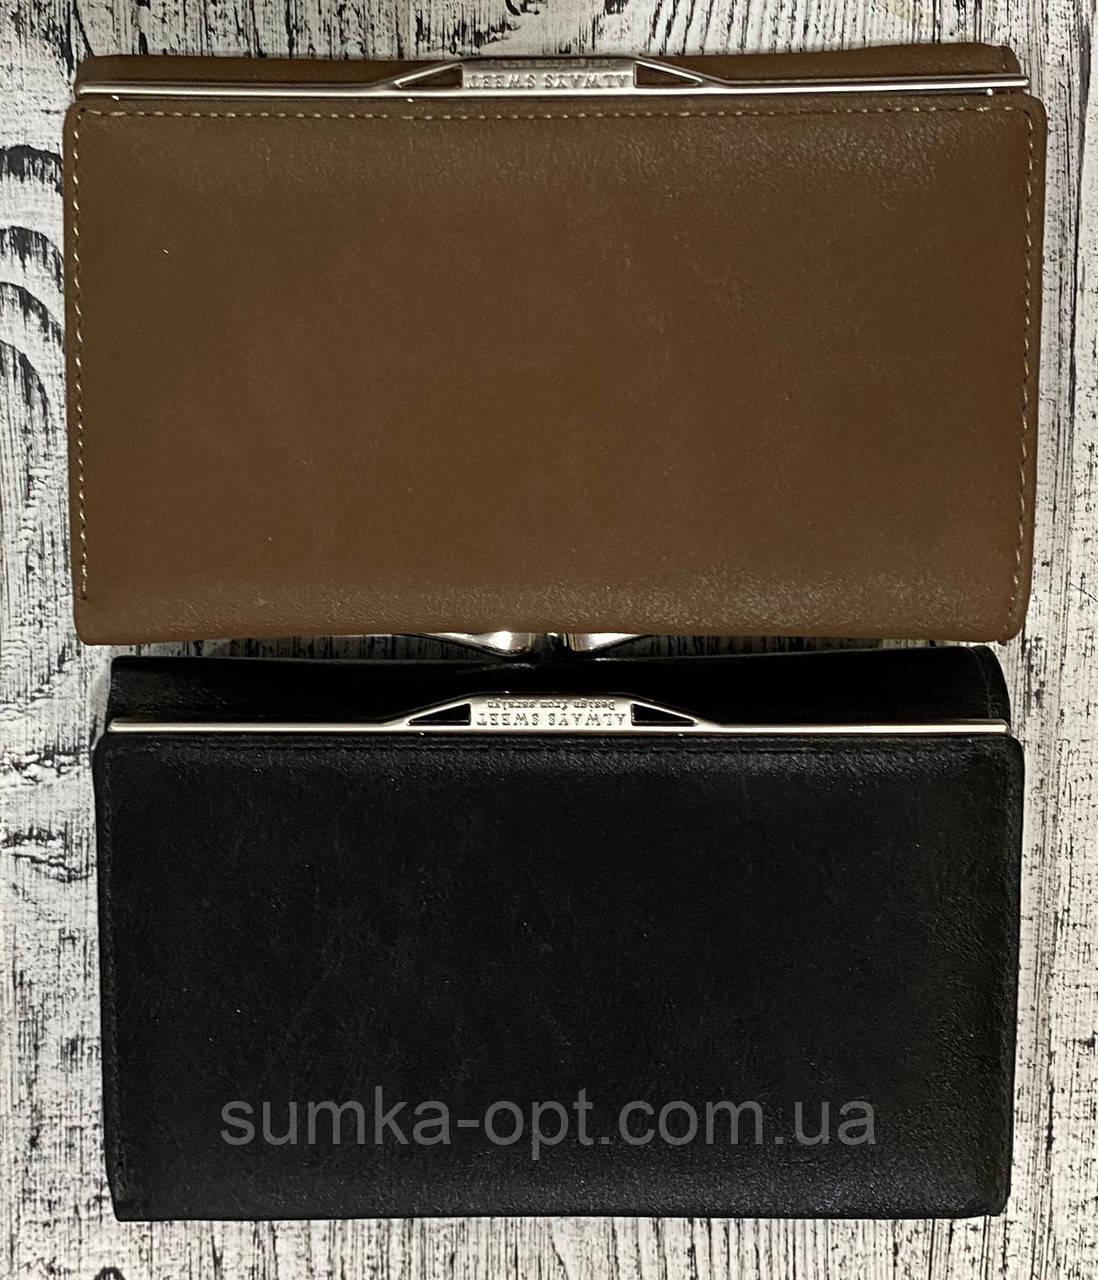 Женские кошельки портмоне с губками (2цвета9*13см